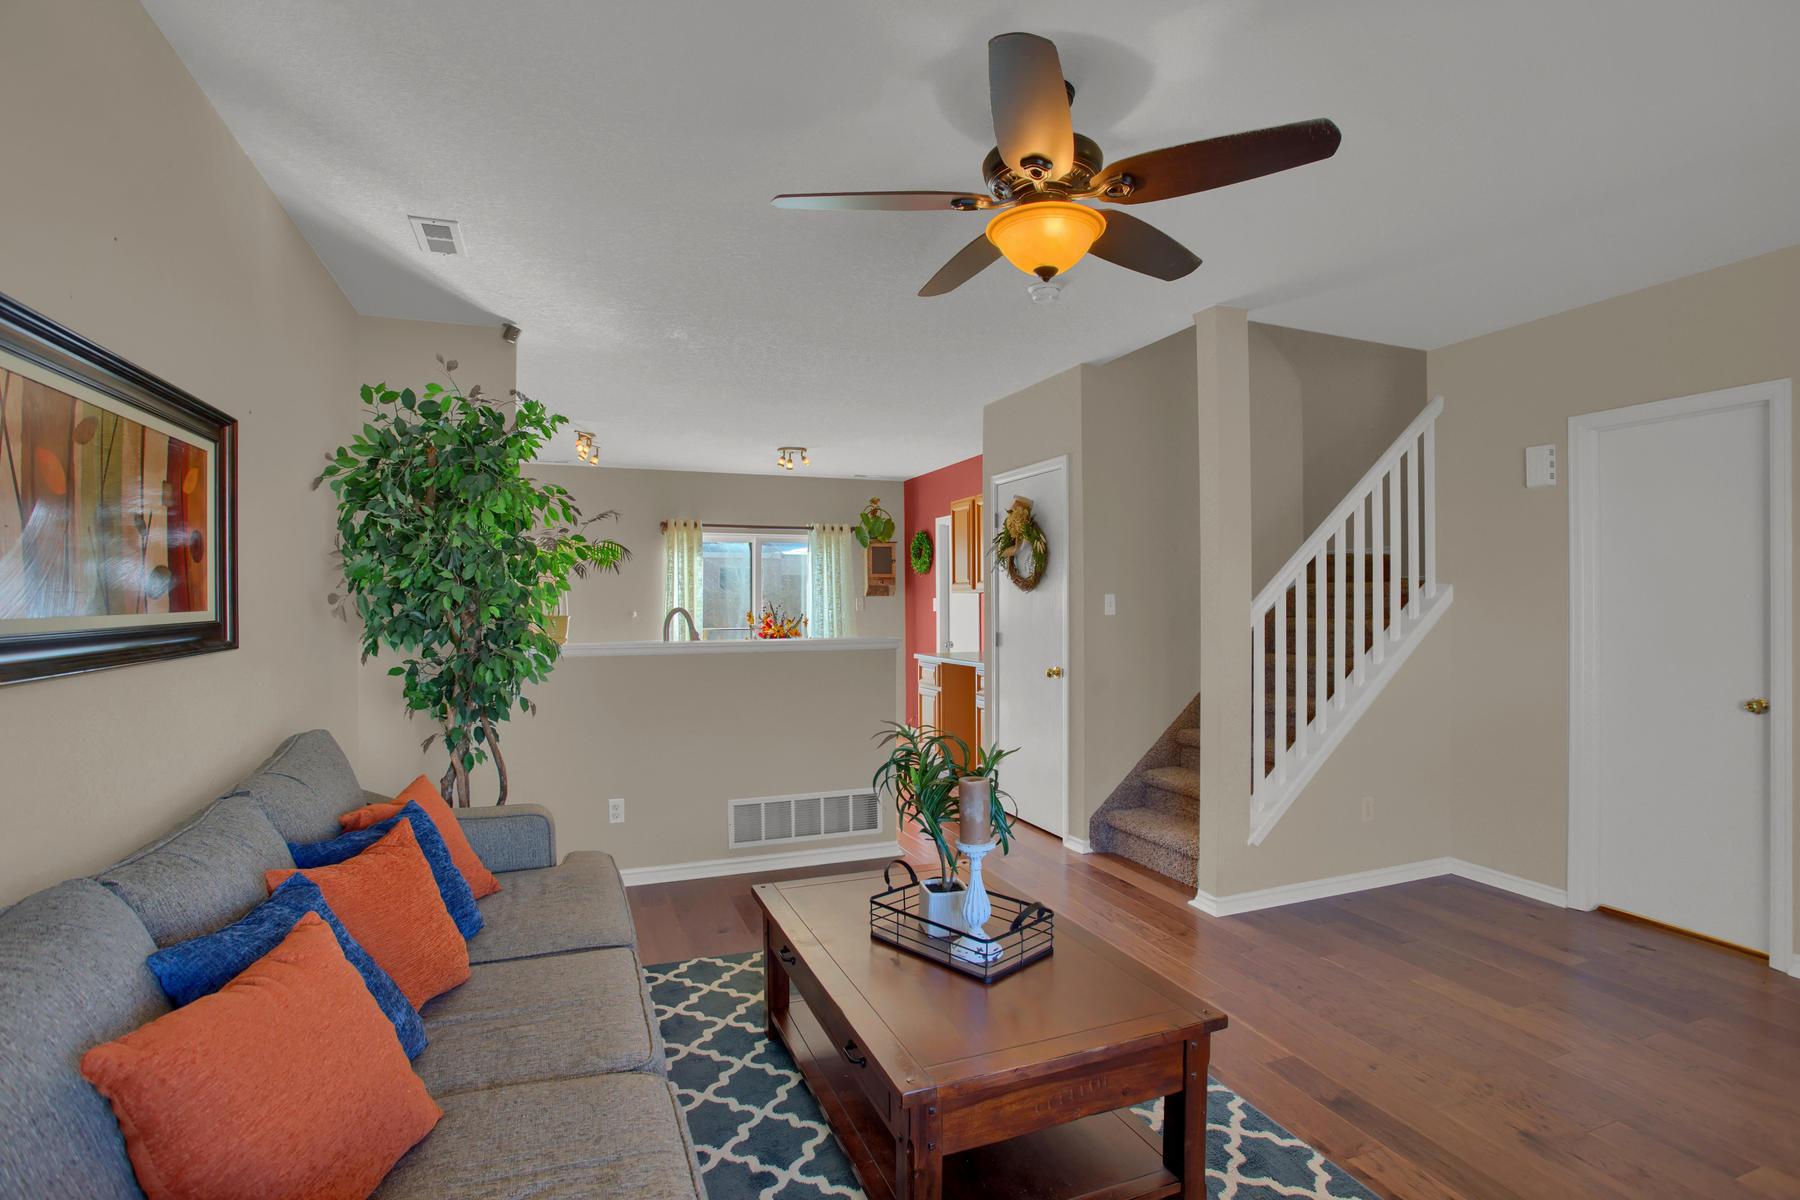 11662 Oakland Dr Commerce City-003-4-Living Room-MLS_Size.jpg